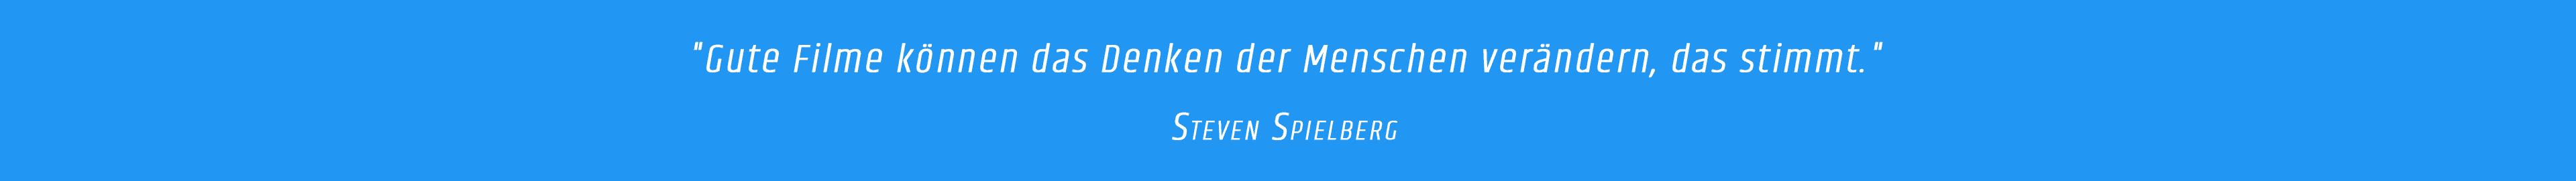 Zitat - Steven Spielberg